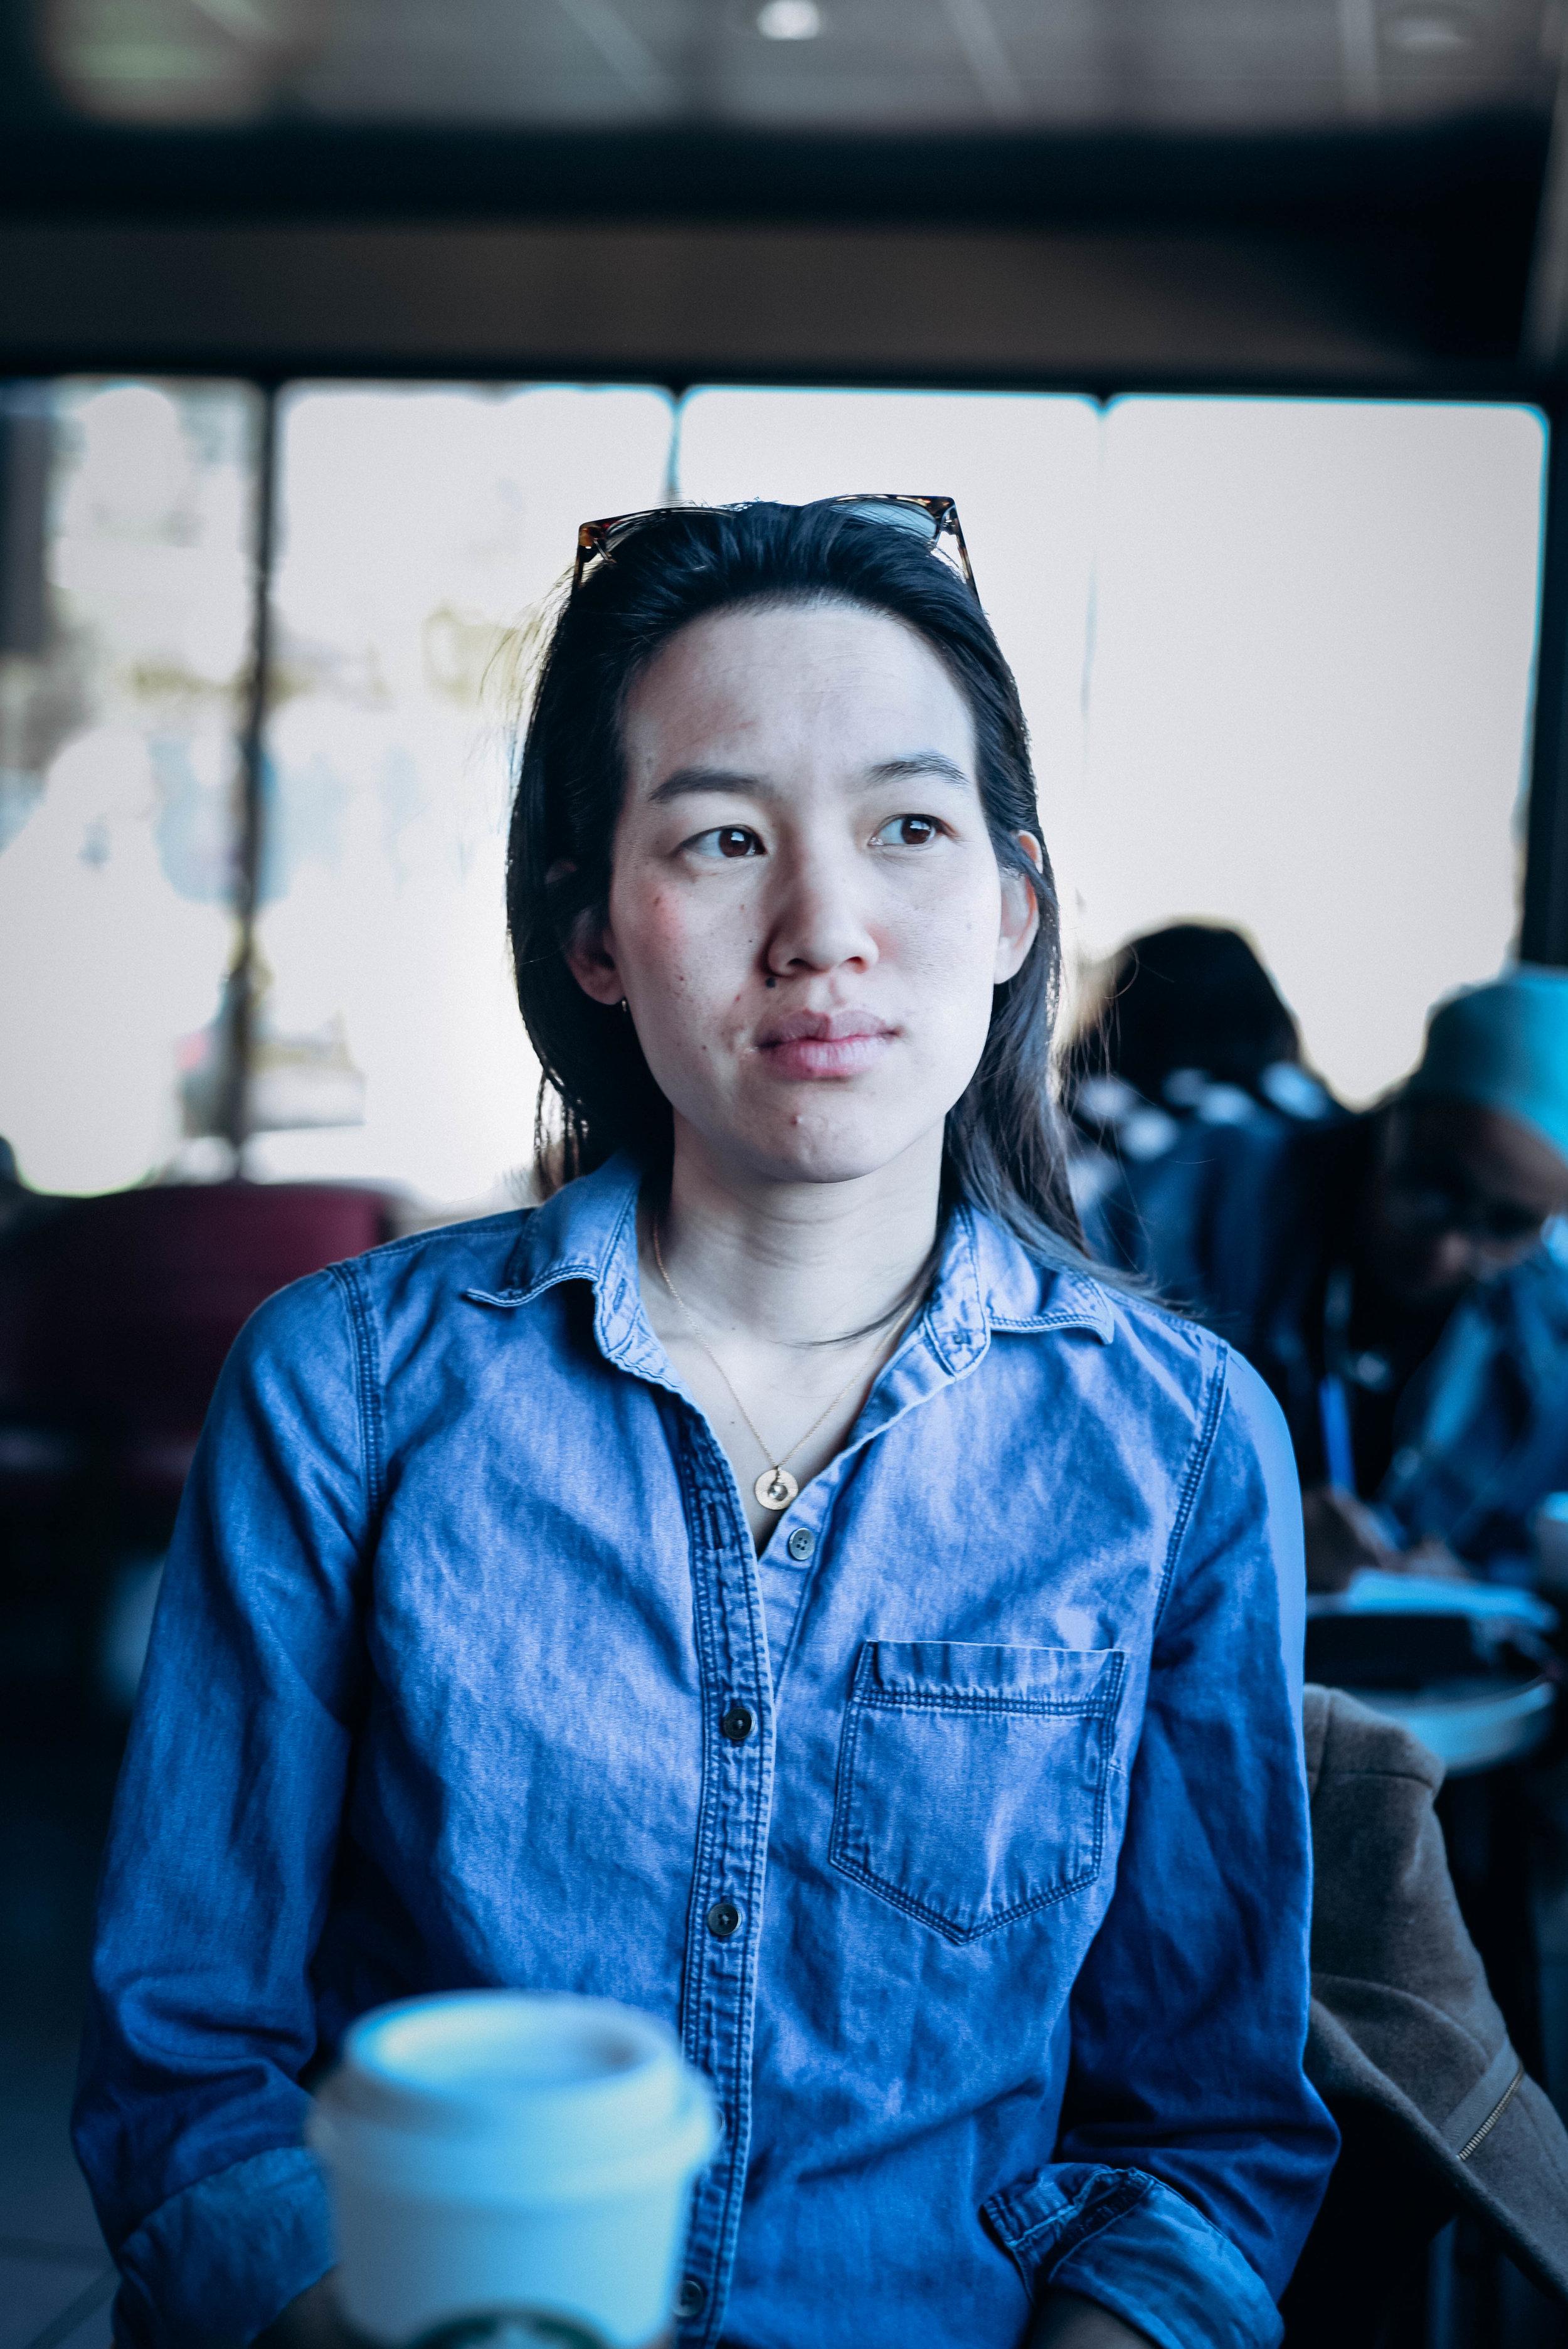 Kim_2_Faces_of_Postpartum